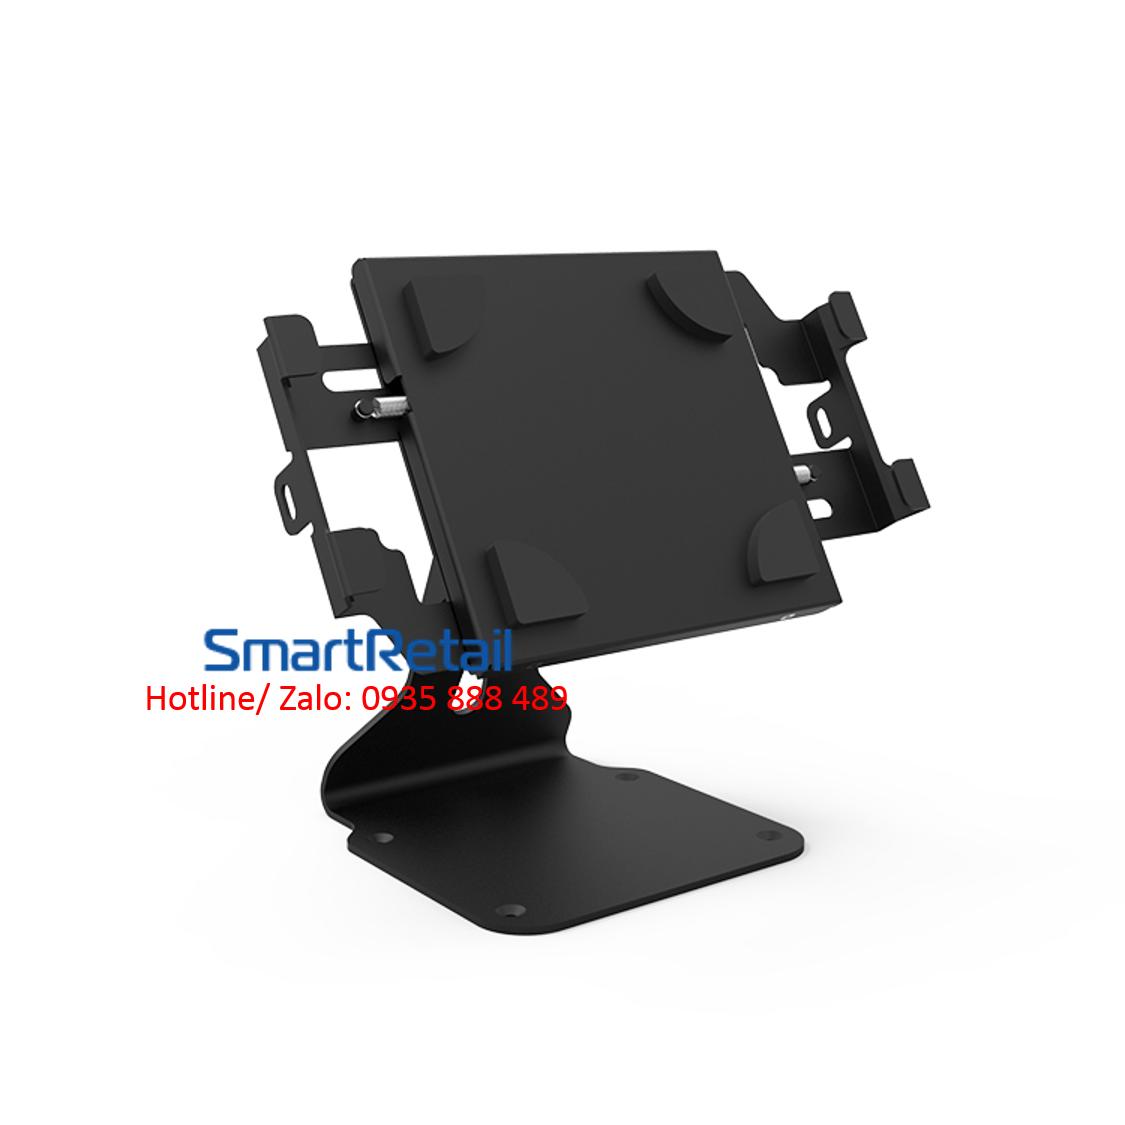 SmartRetail Giá đỡ Tablet để bàn SC 401 4